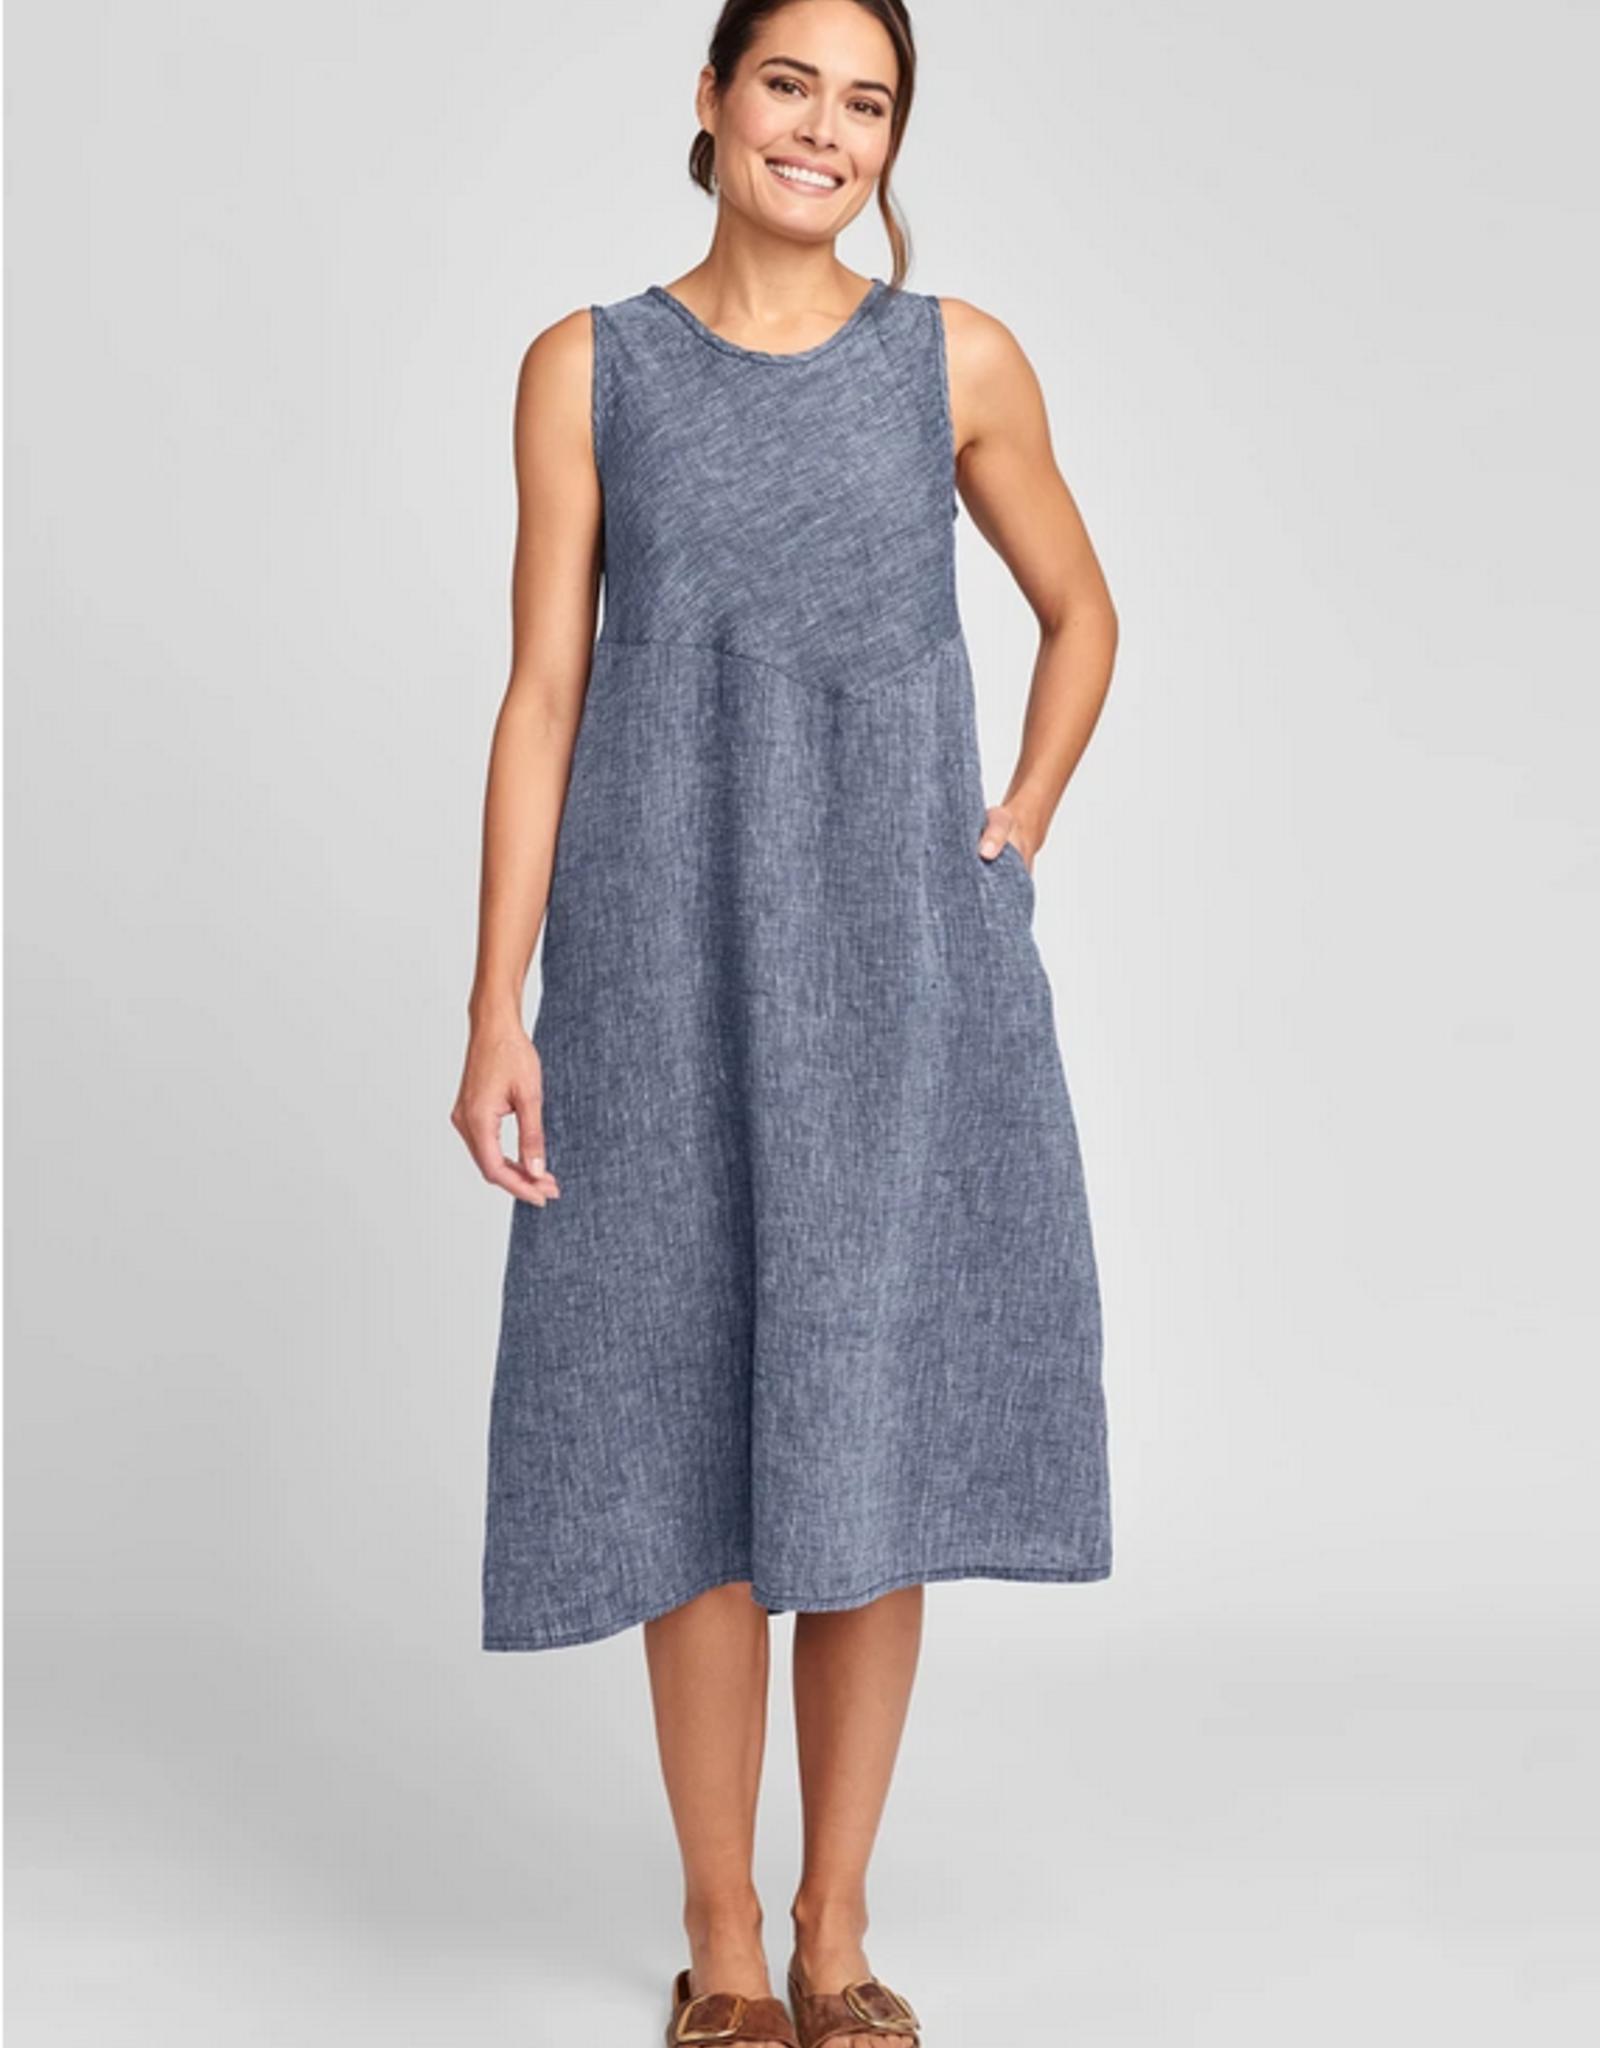 Flax Flax Sunrise Dress Yarn Dye